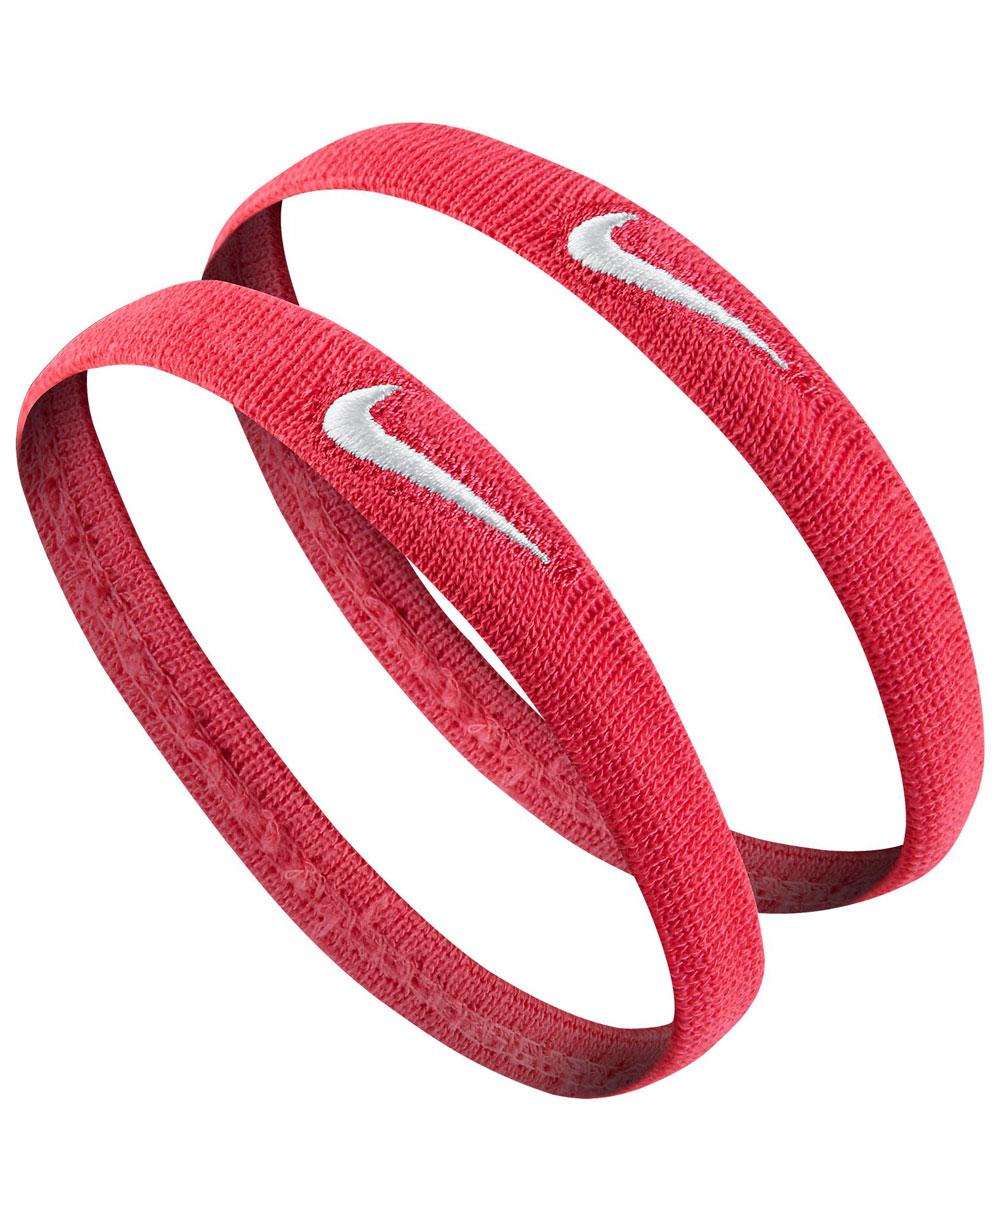 Dri-FIT Skinny Fascette per Braccio Red